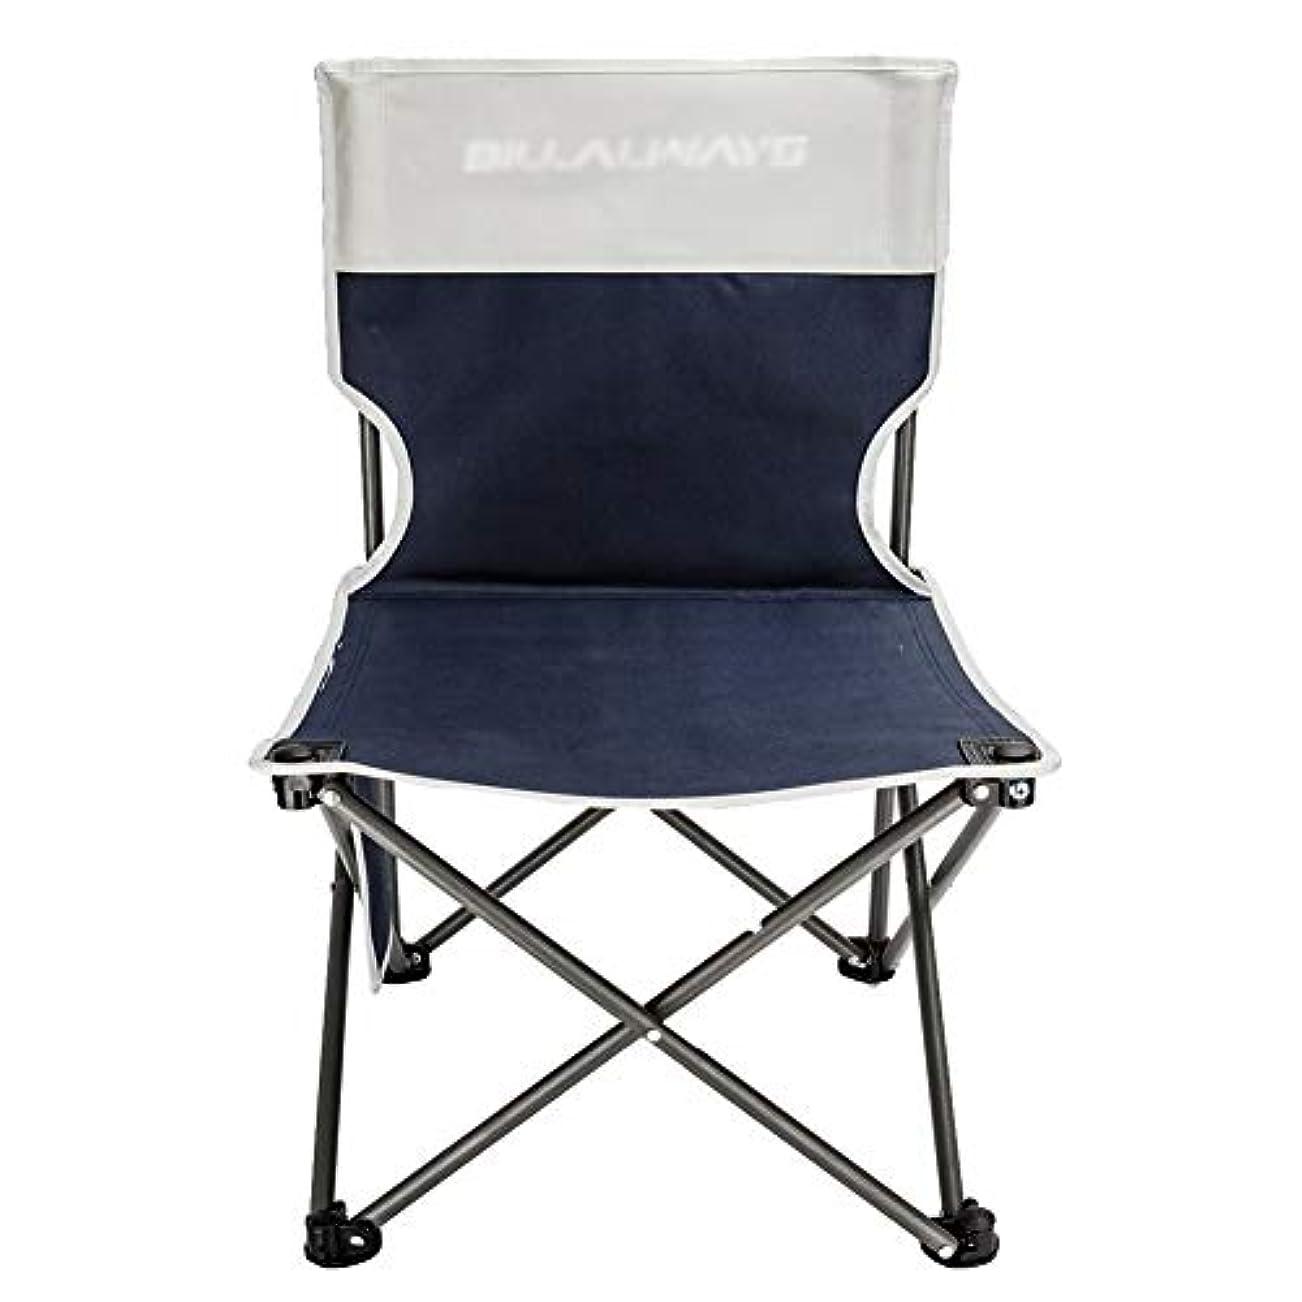 ゲインセイ保持する折りたたみ椅子 キャンプ 折りたたみキャンプチェアブルー、アクティビティ/キャンプ/バーベキュー/ビーチ、積載量100kg / 220ポンドのための携帯用釣りハイキングスツール (サイズ さいず : L l)